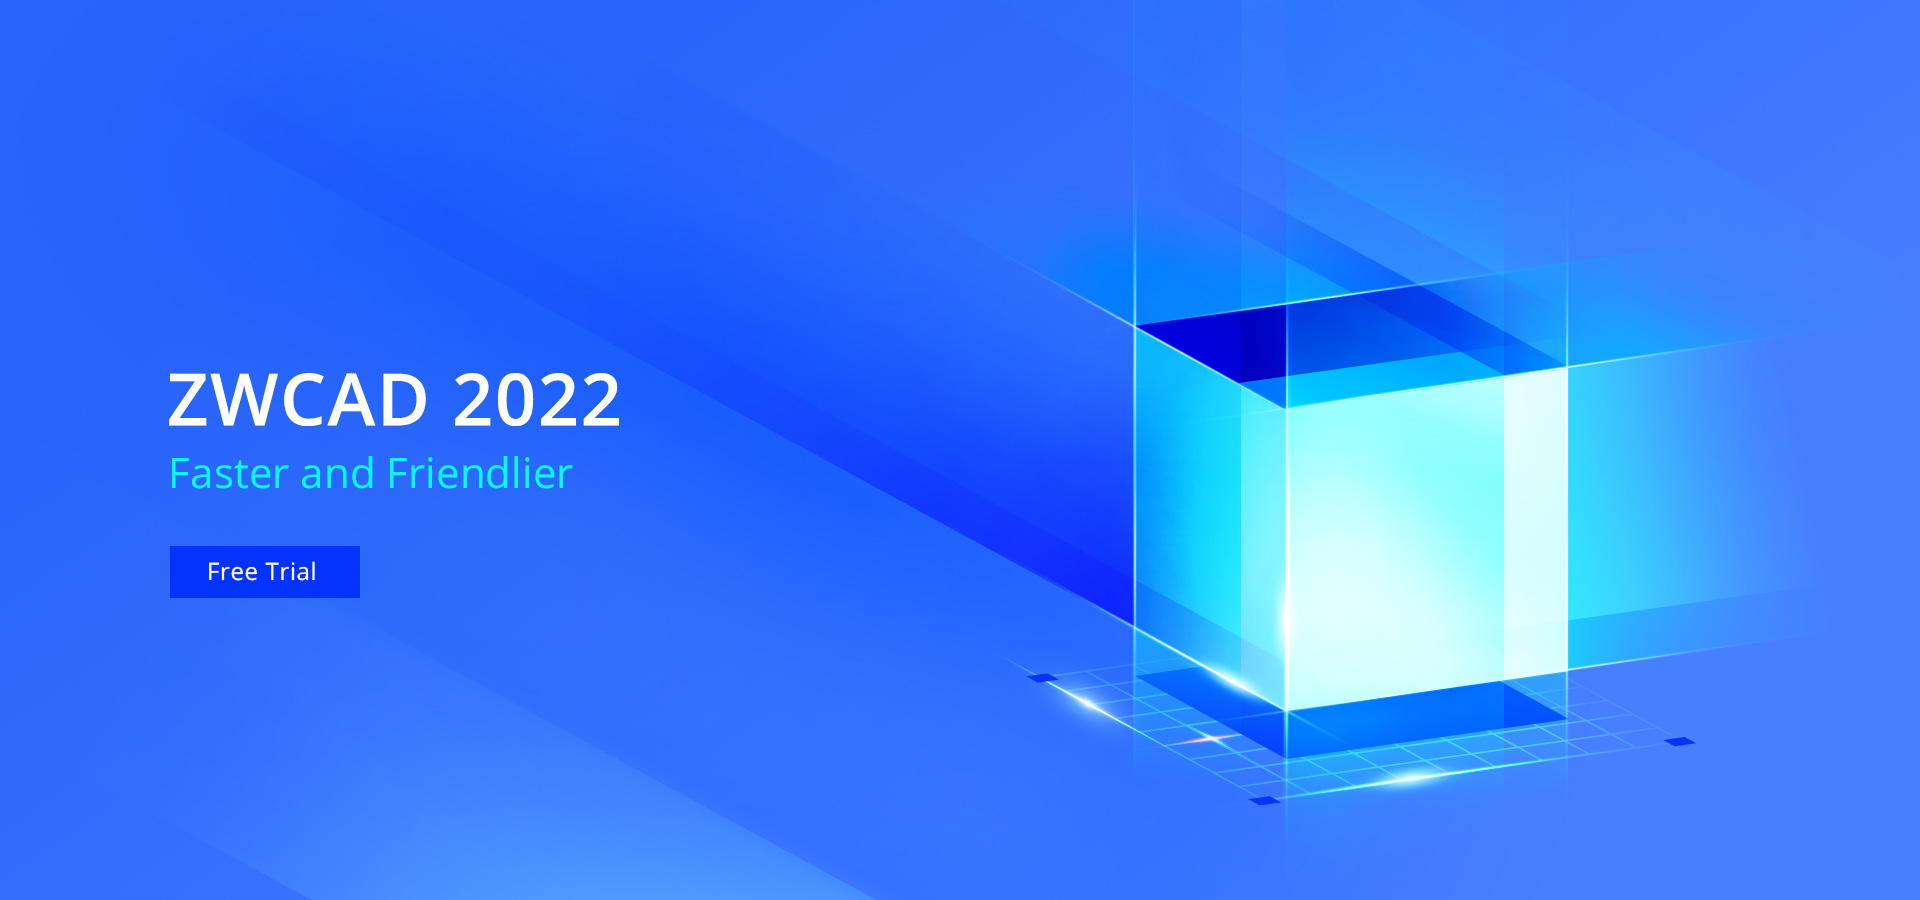 ZWCAD 2022